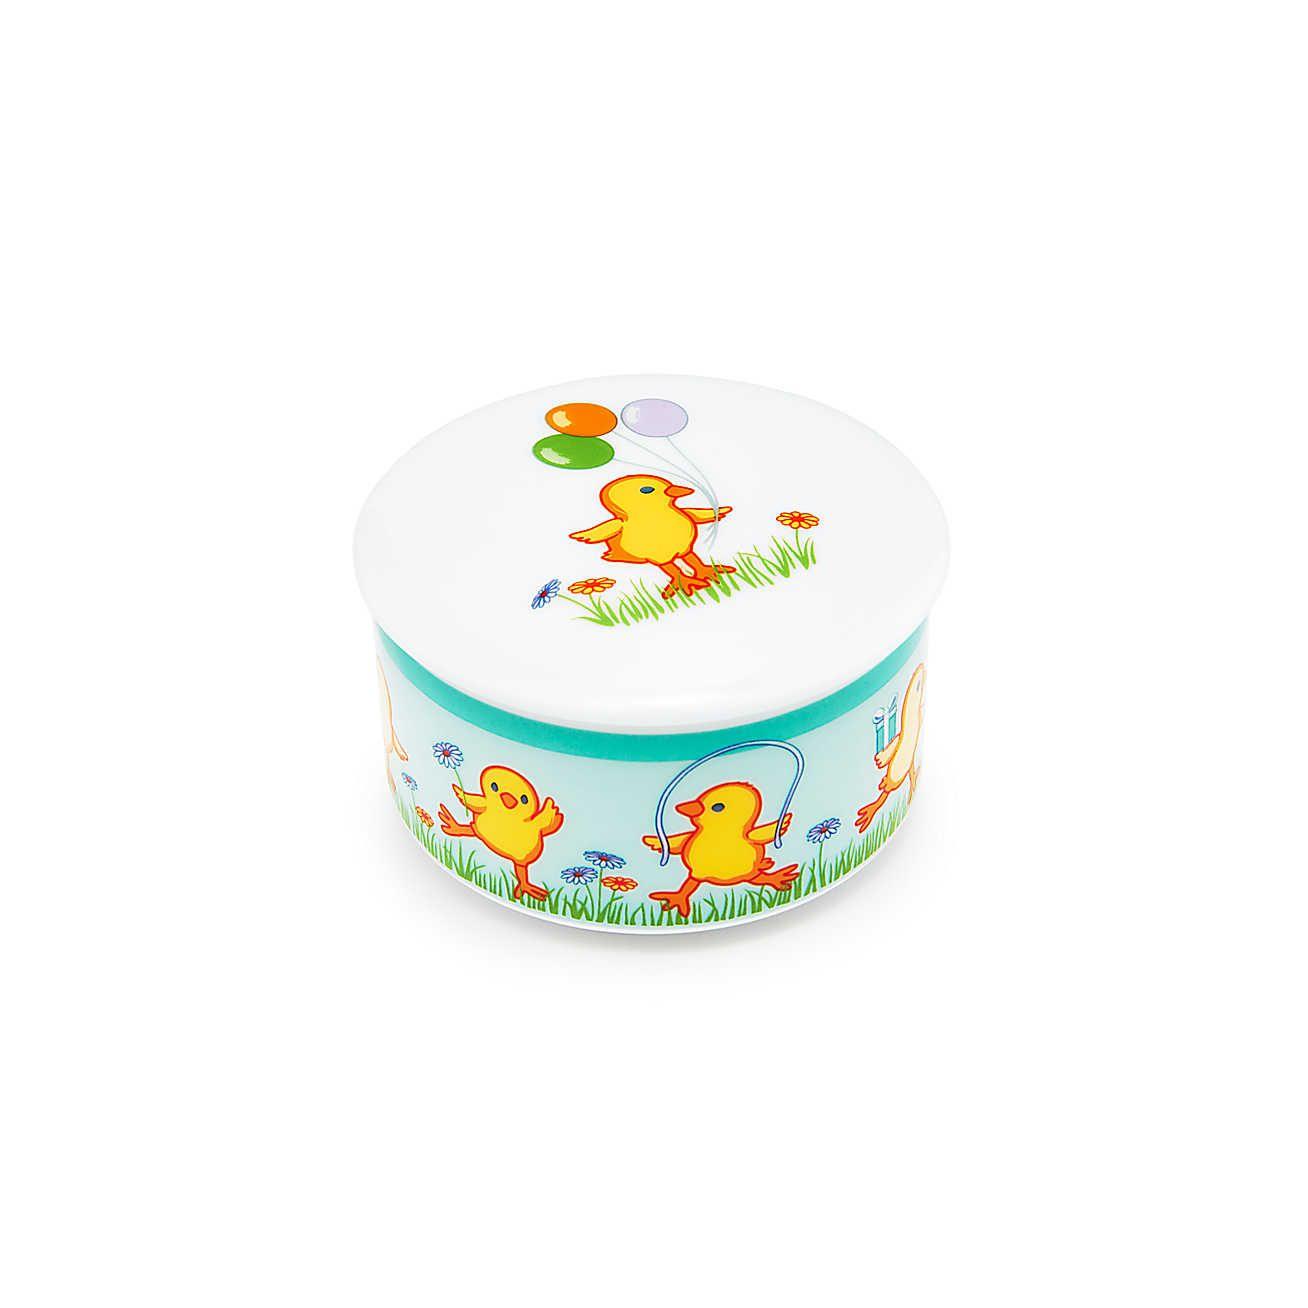 Tiffany chicks box baby keepsake tiffany and box